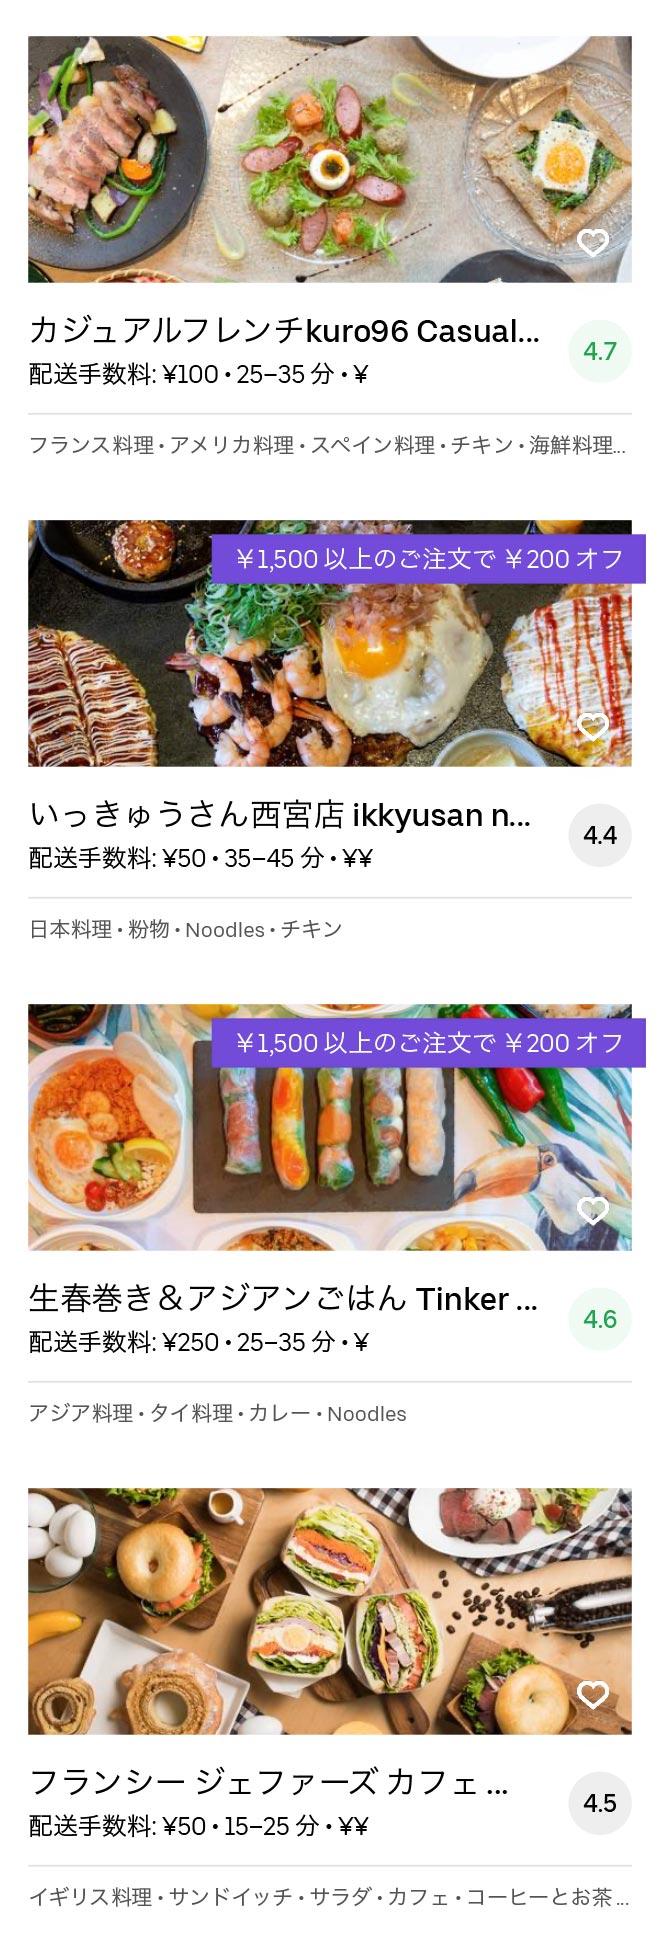 Hyogo ashiya menu 2005 06